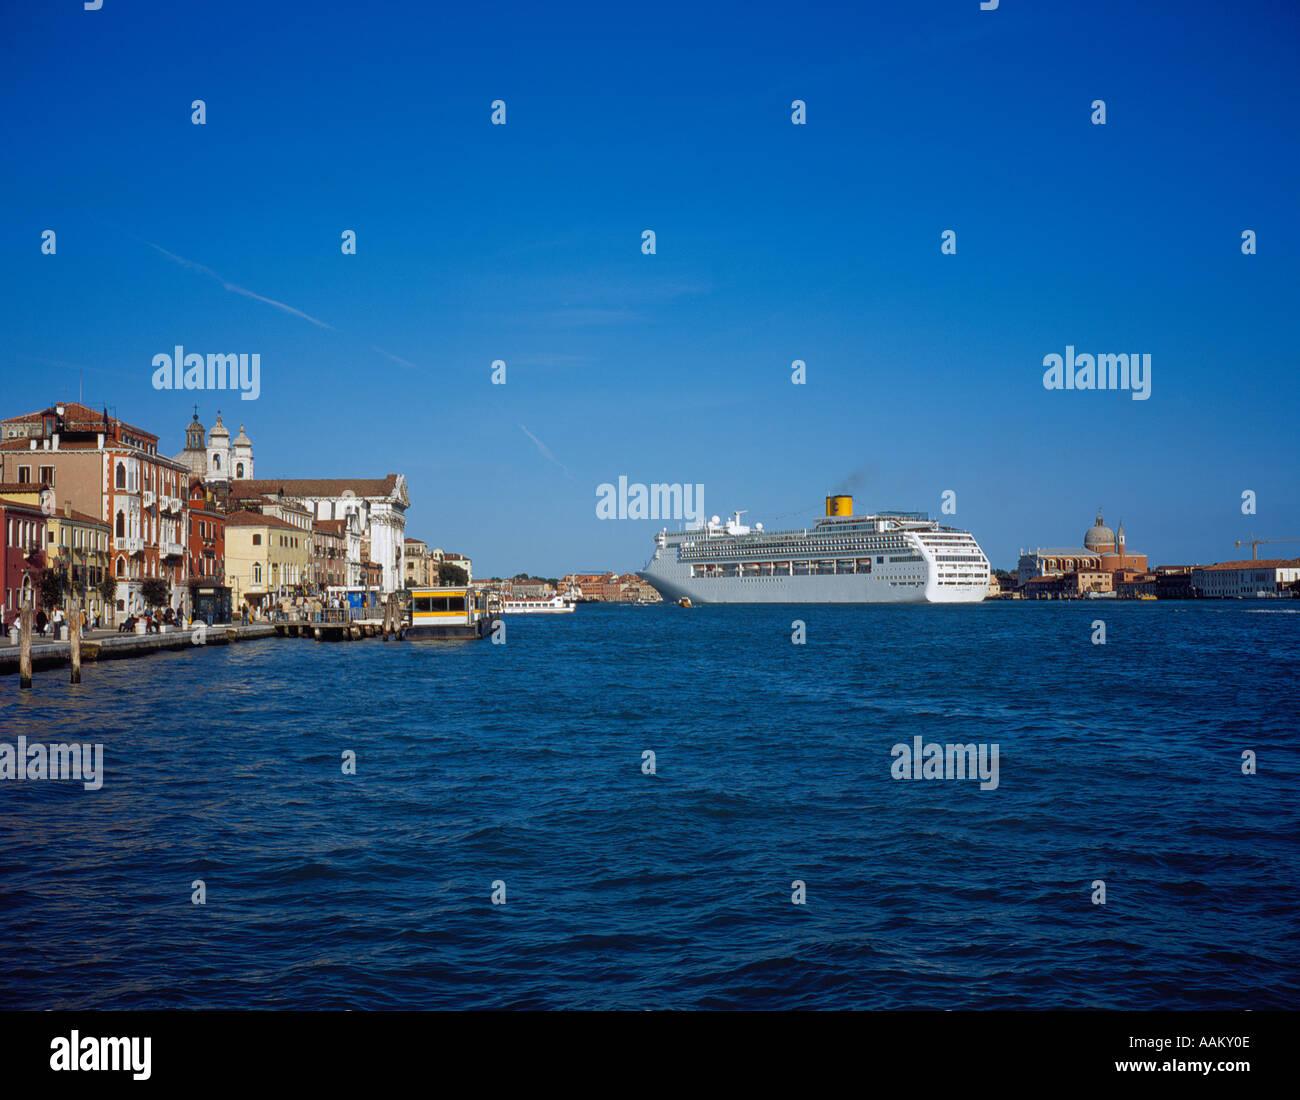 ocean liner at Canale della Giudecca Zattere Fondaco Zattere, Venice, UNESCO World Heritage Site,  Italy, Europe. - Stock Image